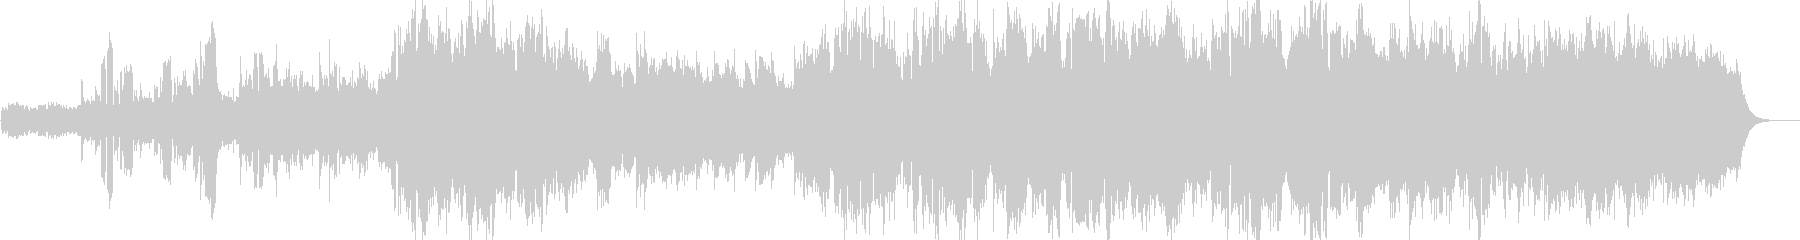 スペーシーな混声バラードの未再生の波形